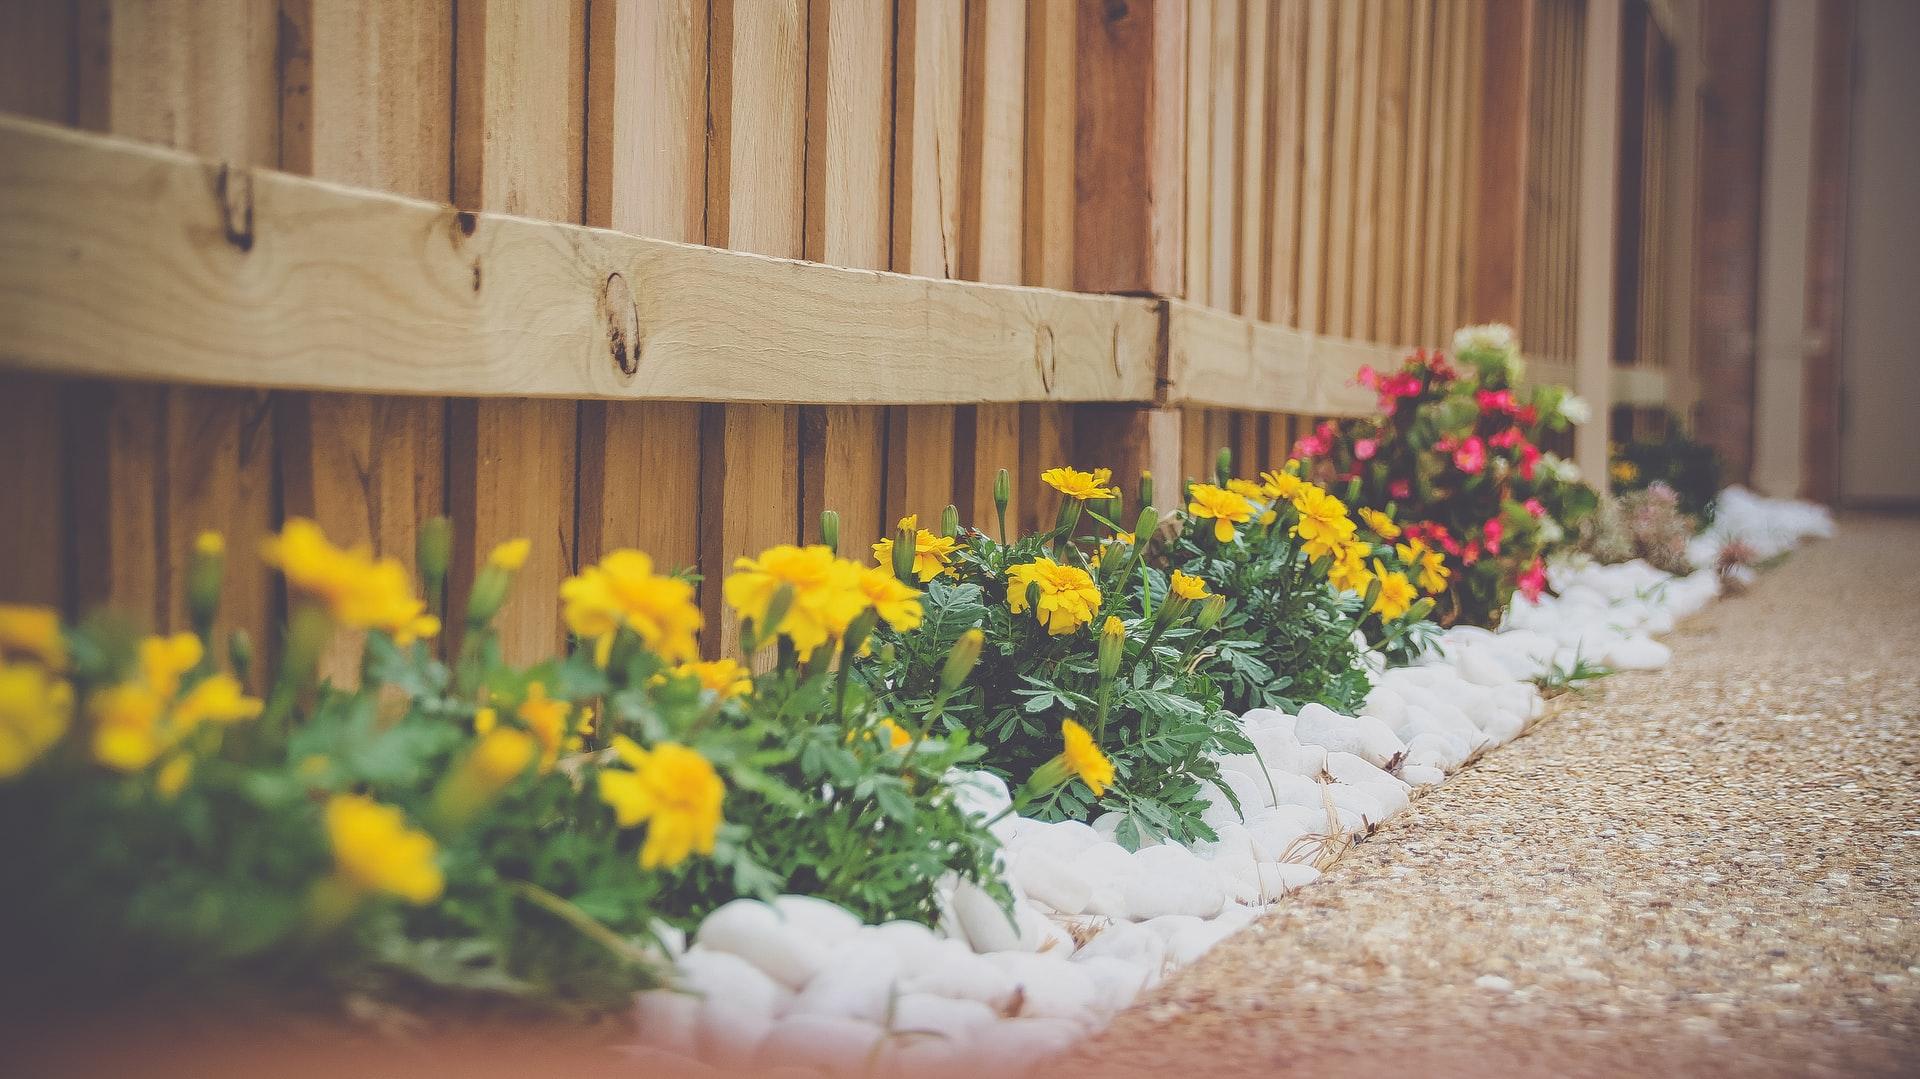 cloture en bois et fleur le long de la cloture avec des fleurs jaune et rose